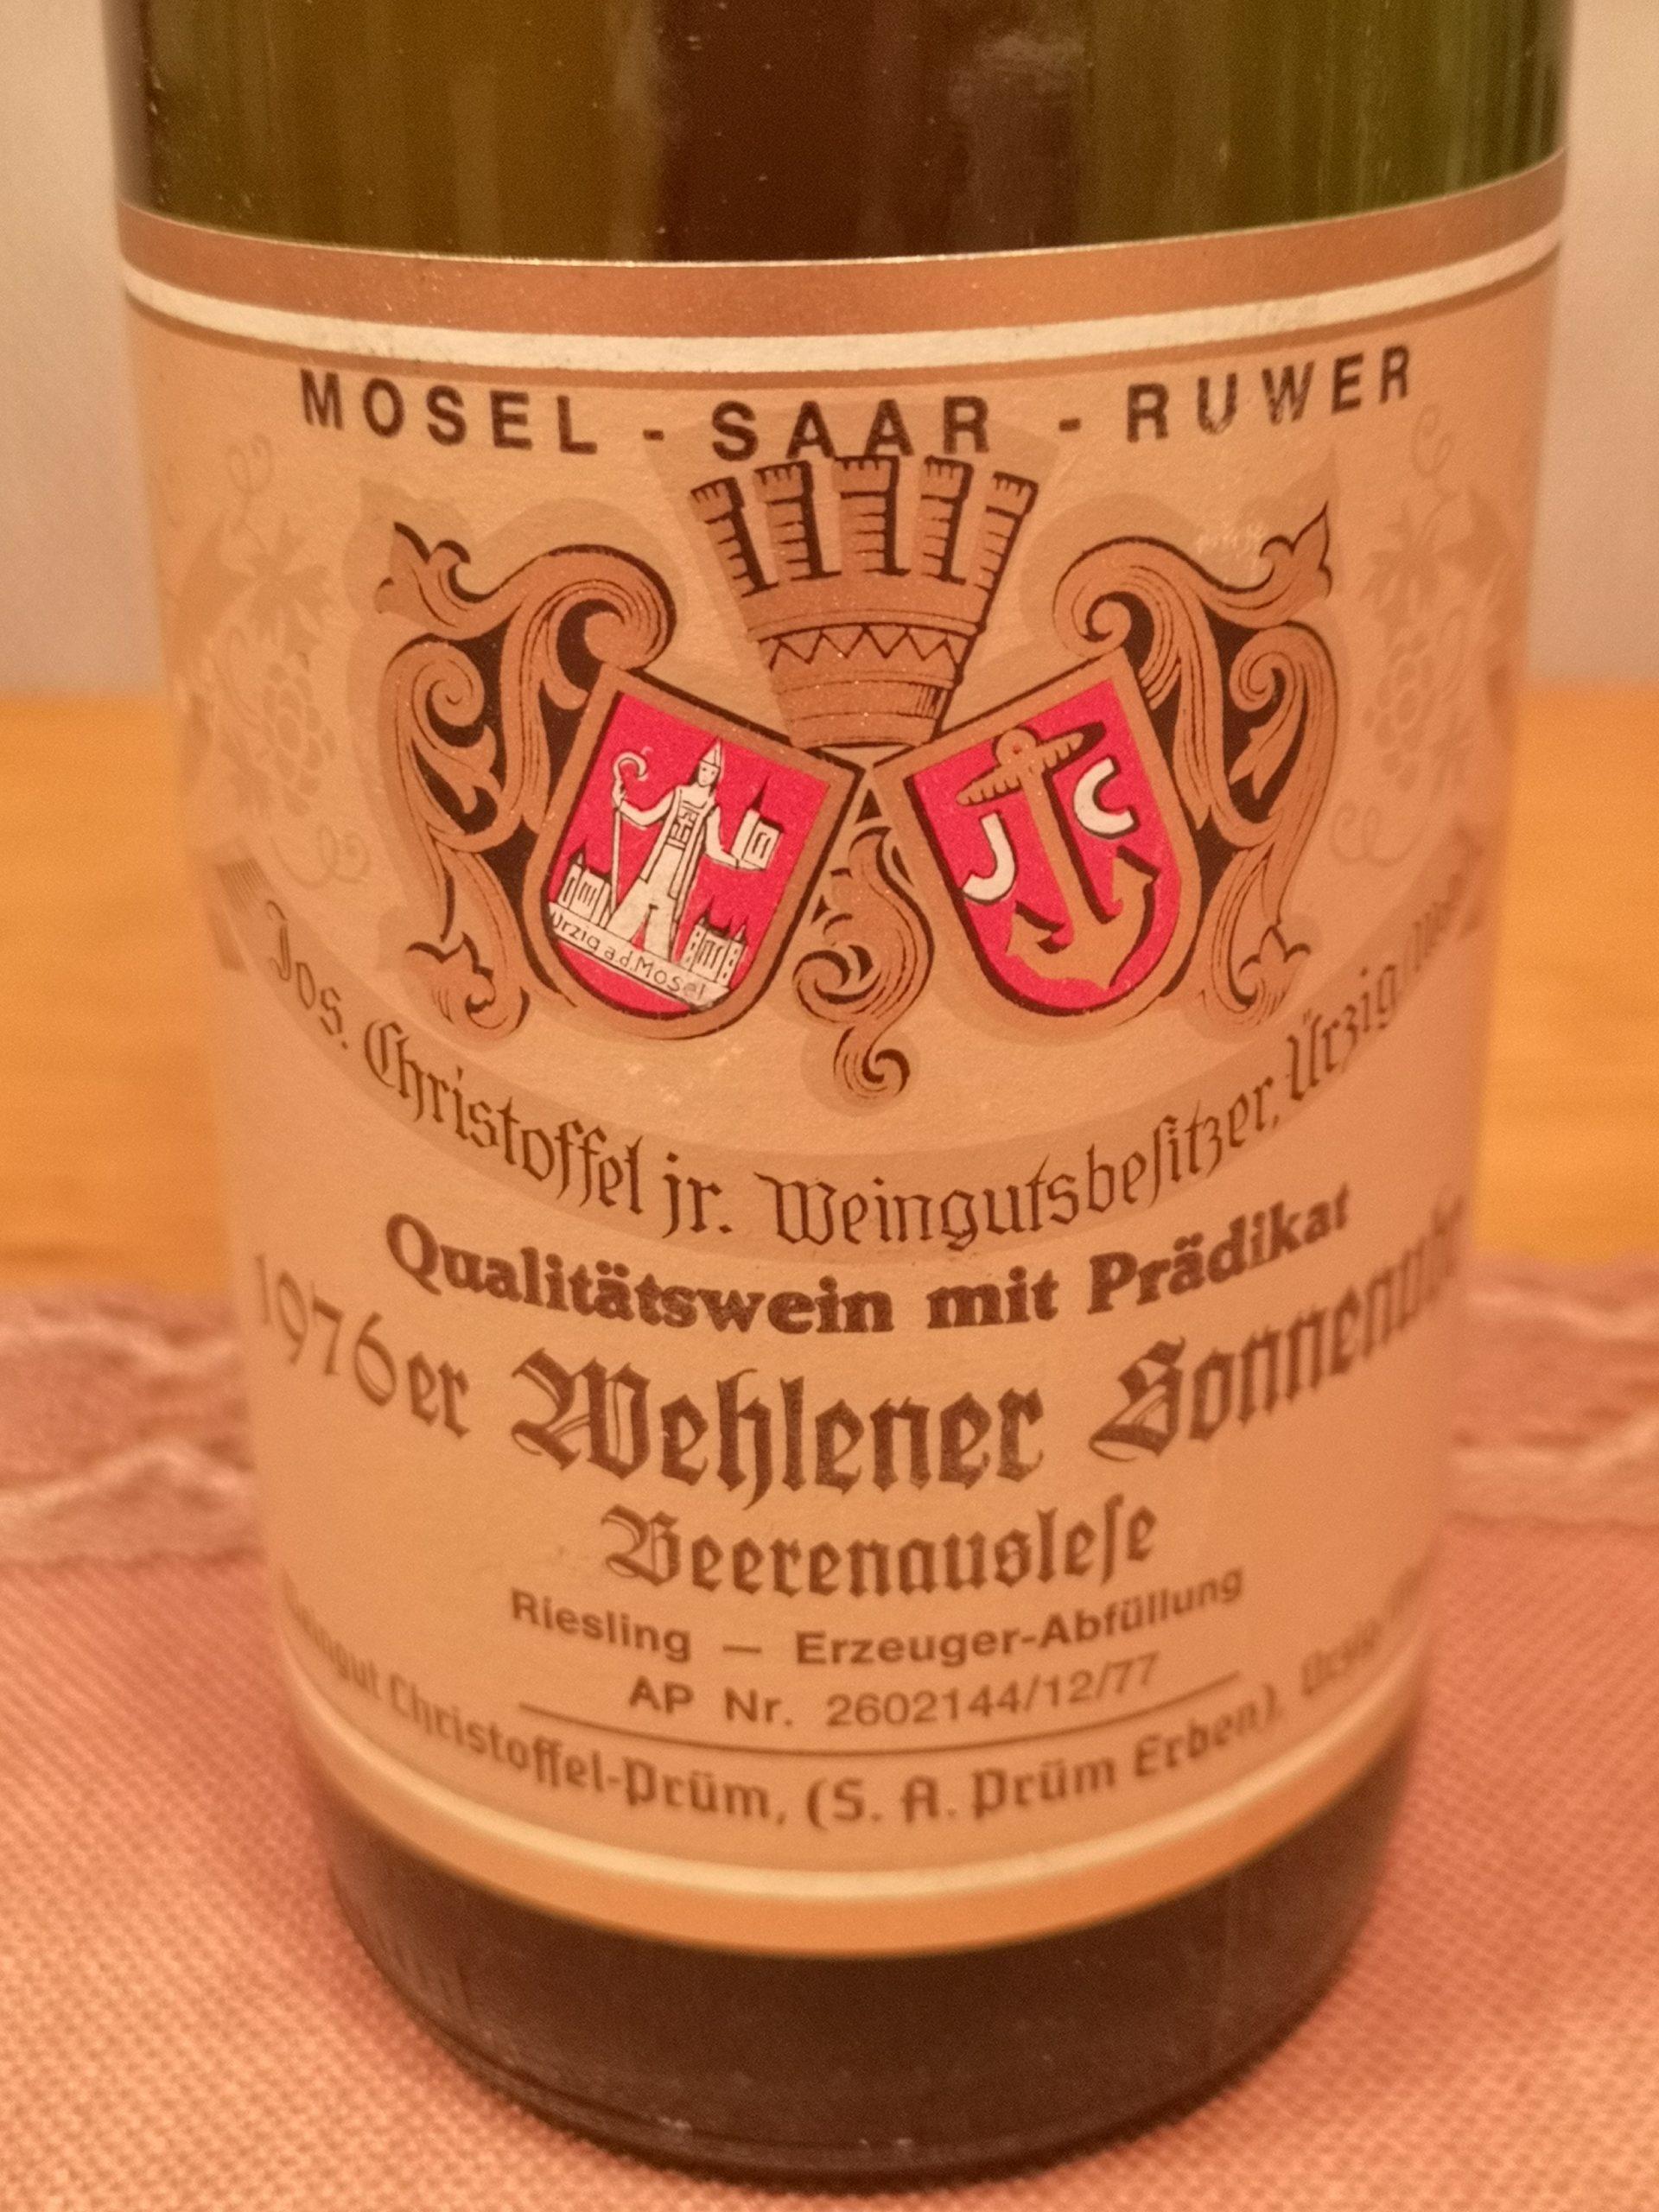 1976 Riesling Wehlener Sonnenuhr Beerenauslese | Jos. Christoffel jr.